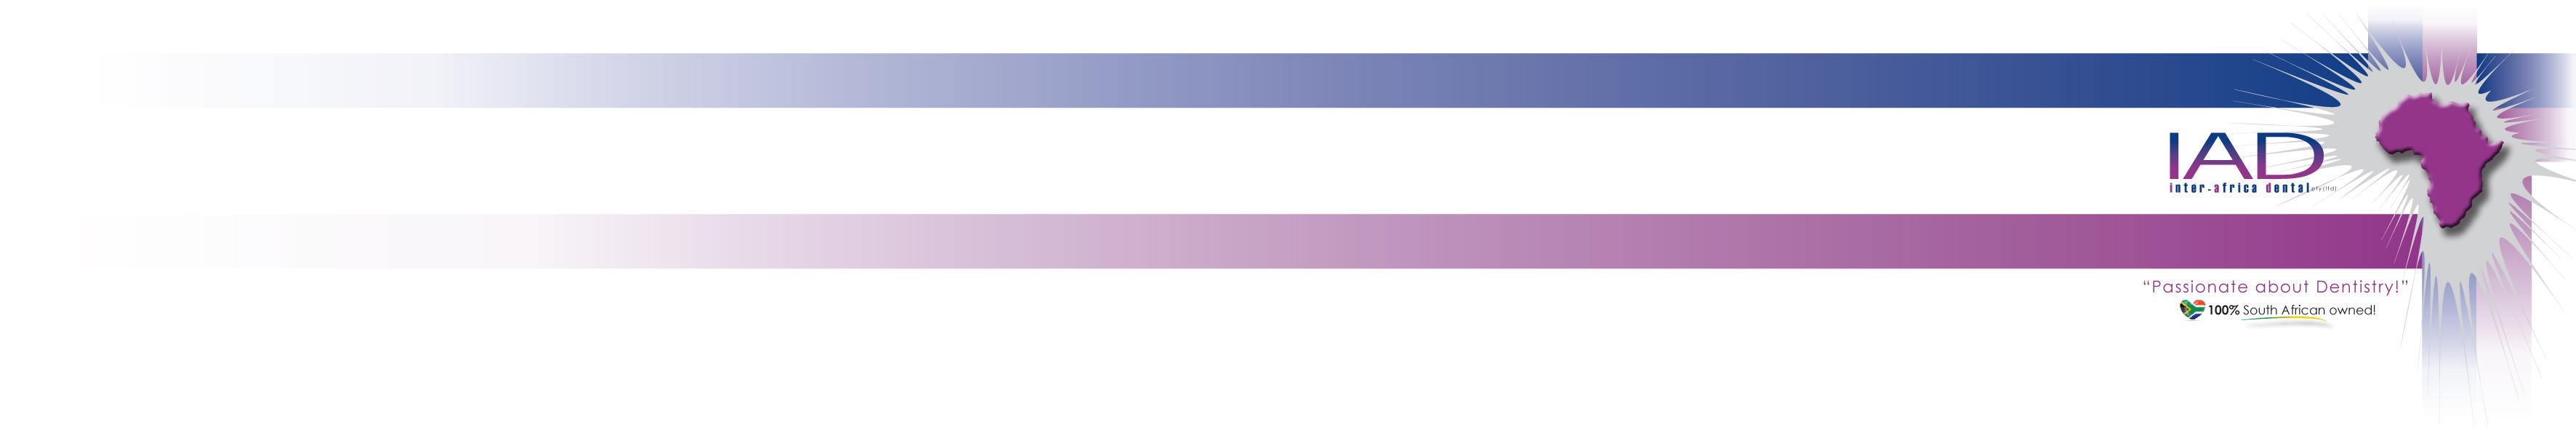 NEW LOGO Banner For web